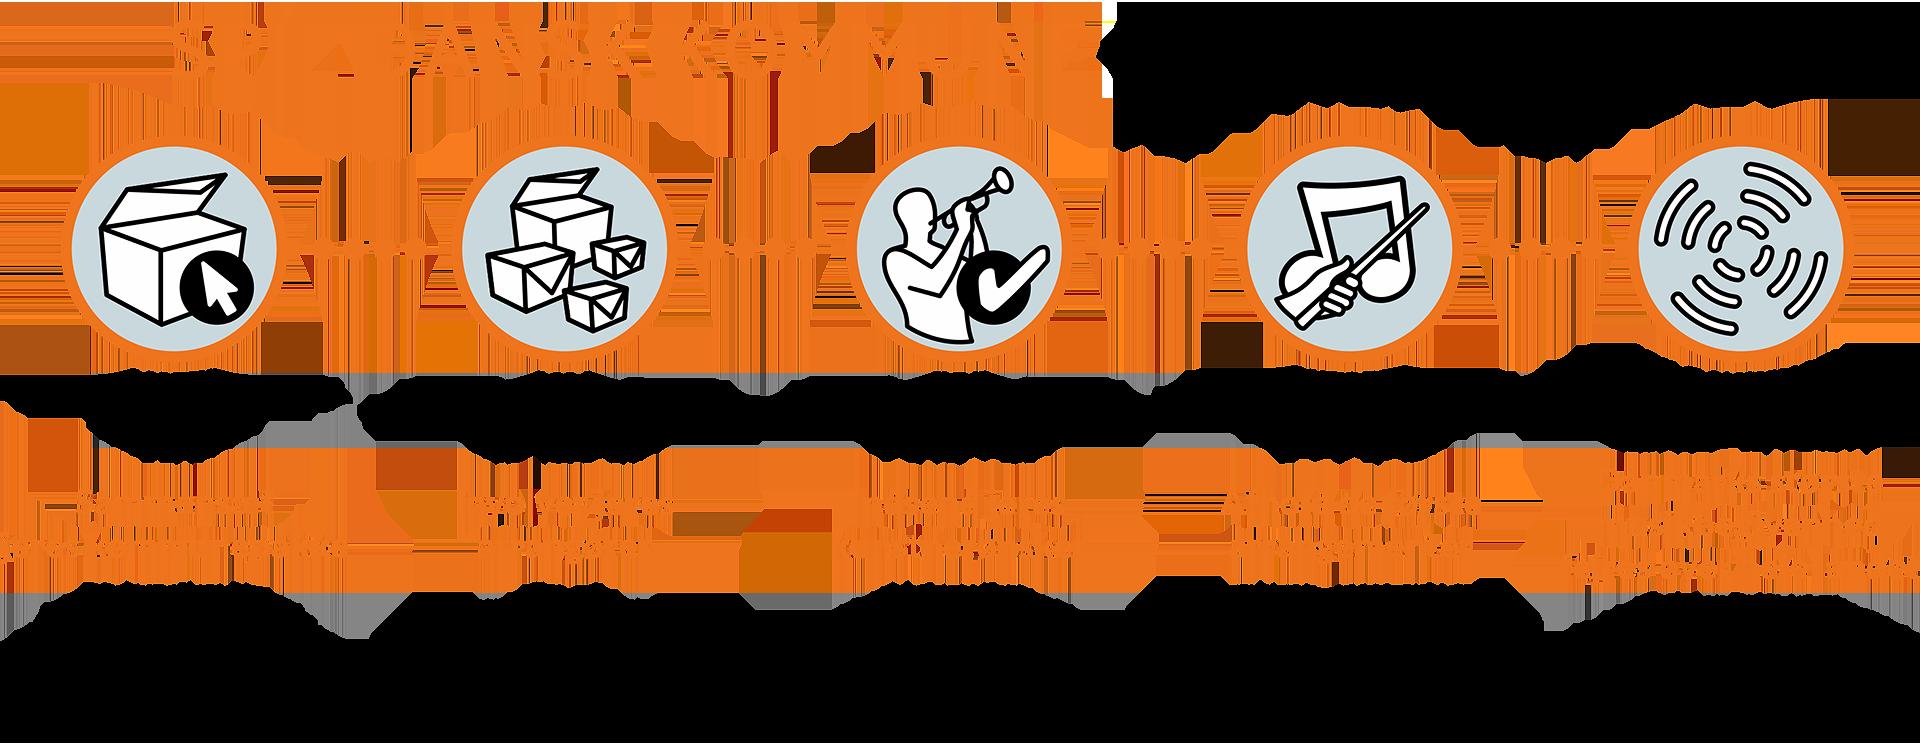 Spil_Dansk_Kommuner_Saa_Nemt_Er_Det_2020